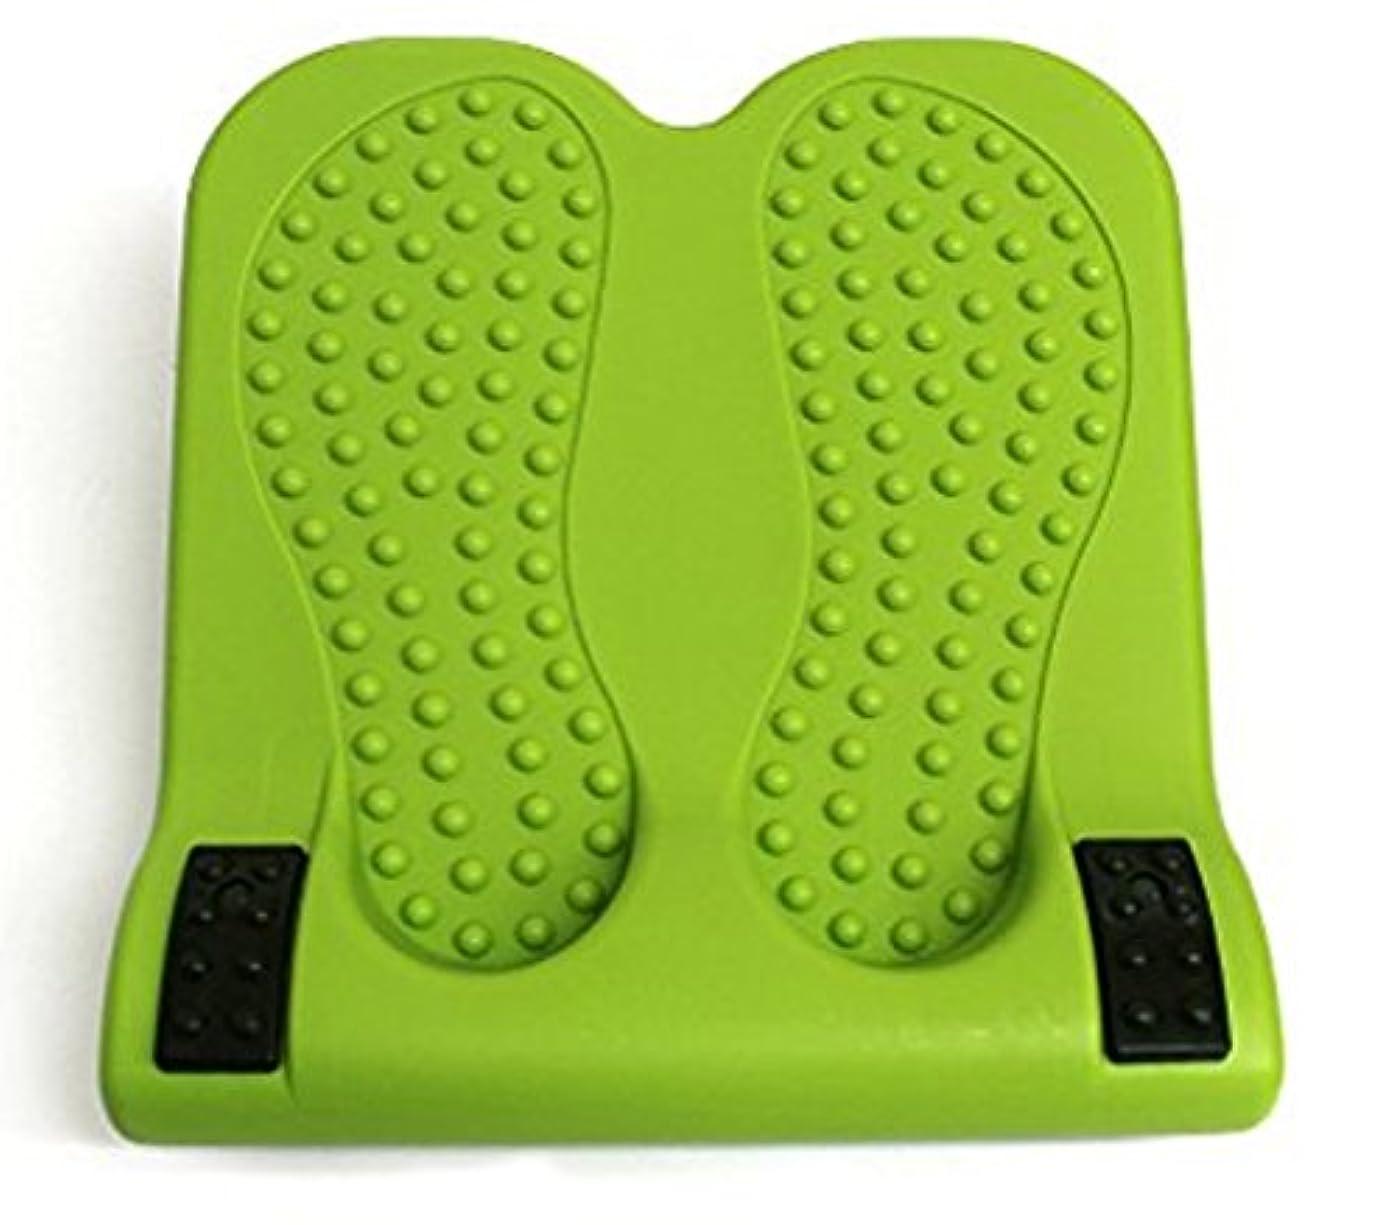 肌鼻言語[アイワーナ]IWANNA 3段階の調節 足ストレッチボード マッサージ 足つぼ 足のストレッチ マルチ傾斜ボード 運動器具 ダイエット器具 コアスリム 海外直送品 (IWANNA Foot Stretcher Multi...